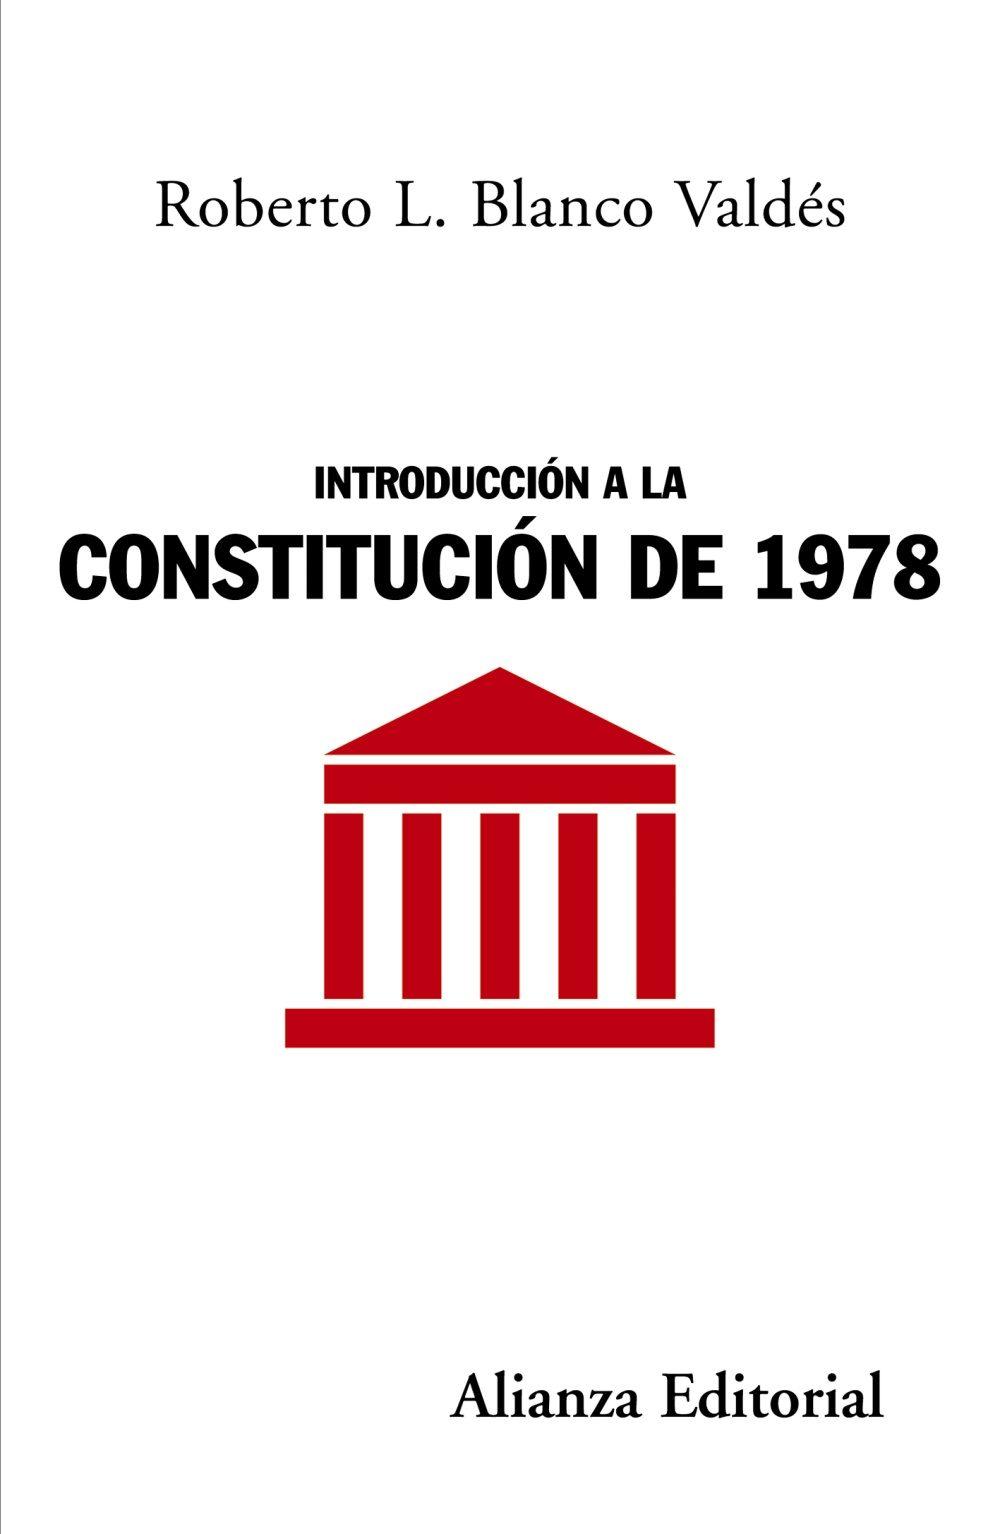 Introduccion A La Constitucion De 1978 por Roberto Blanco Valdes epub